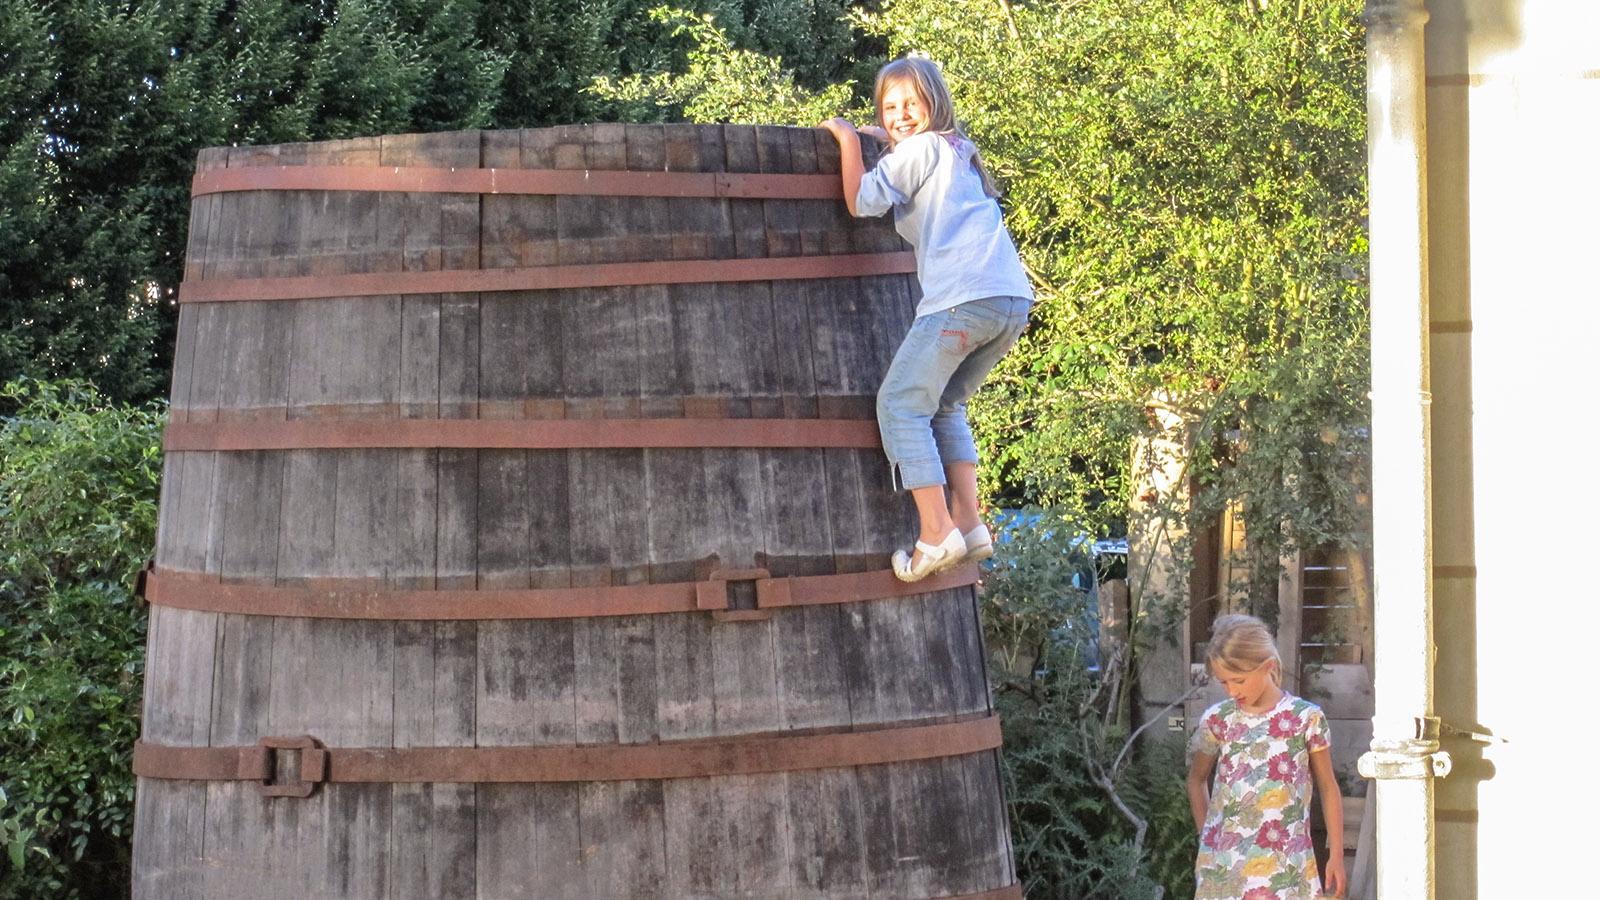 Keinen der Gäste stört es, wenn die Kinder versuchen, das riesige Weinfass im Garten zu erklimmen. Sie siind bei Sophie und Ludovic so selbstverständlich willkommen will all die anderen Gäste. Foto: Hilke Maunder